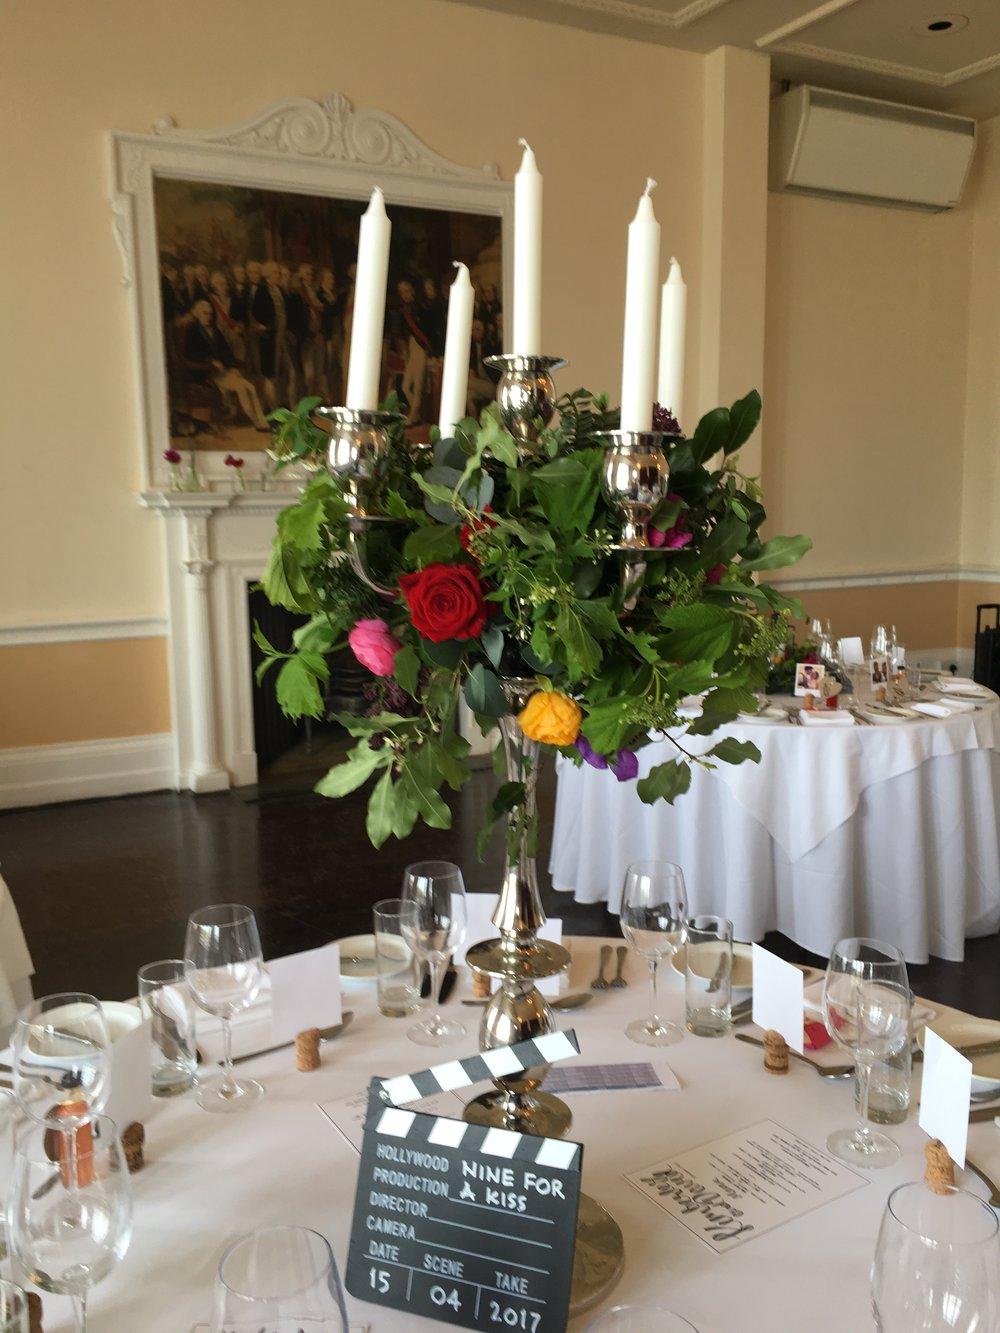 Trafalgar tavern greenwich wedding candelabra centrepiece